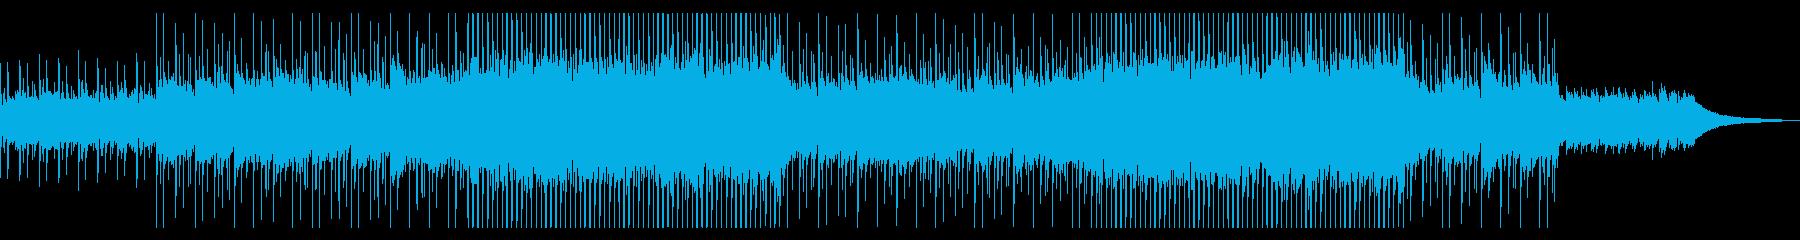 【メロディ抜き】透明感のある爽やかなコーの再生済みの波形